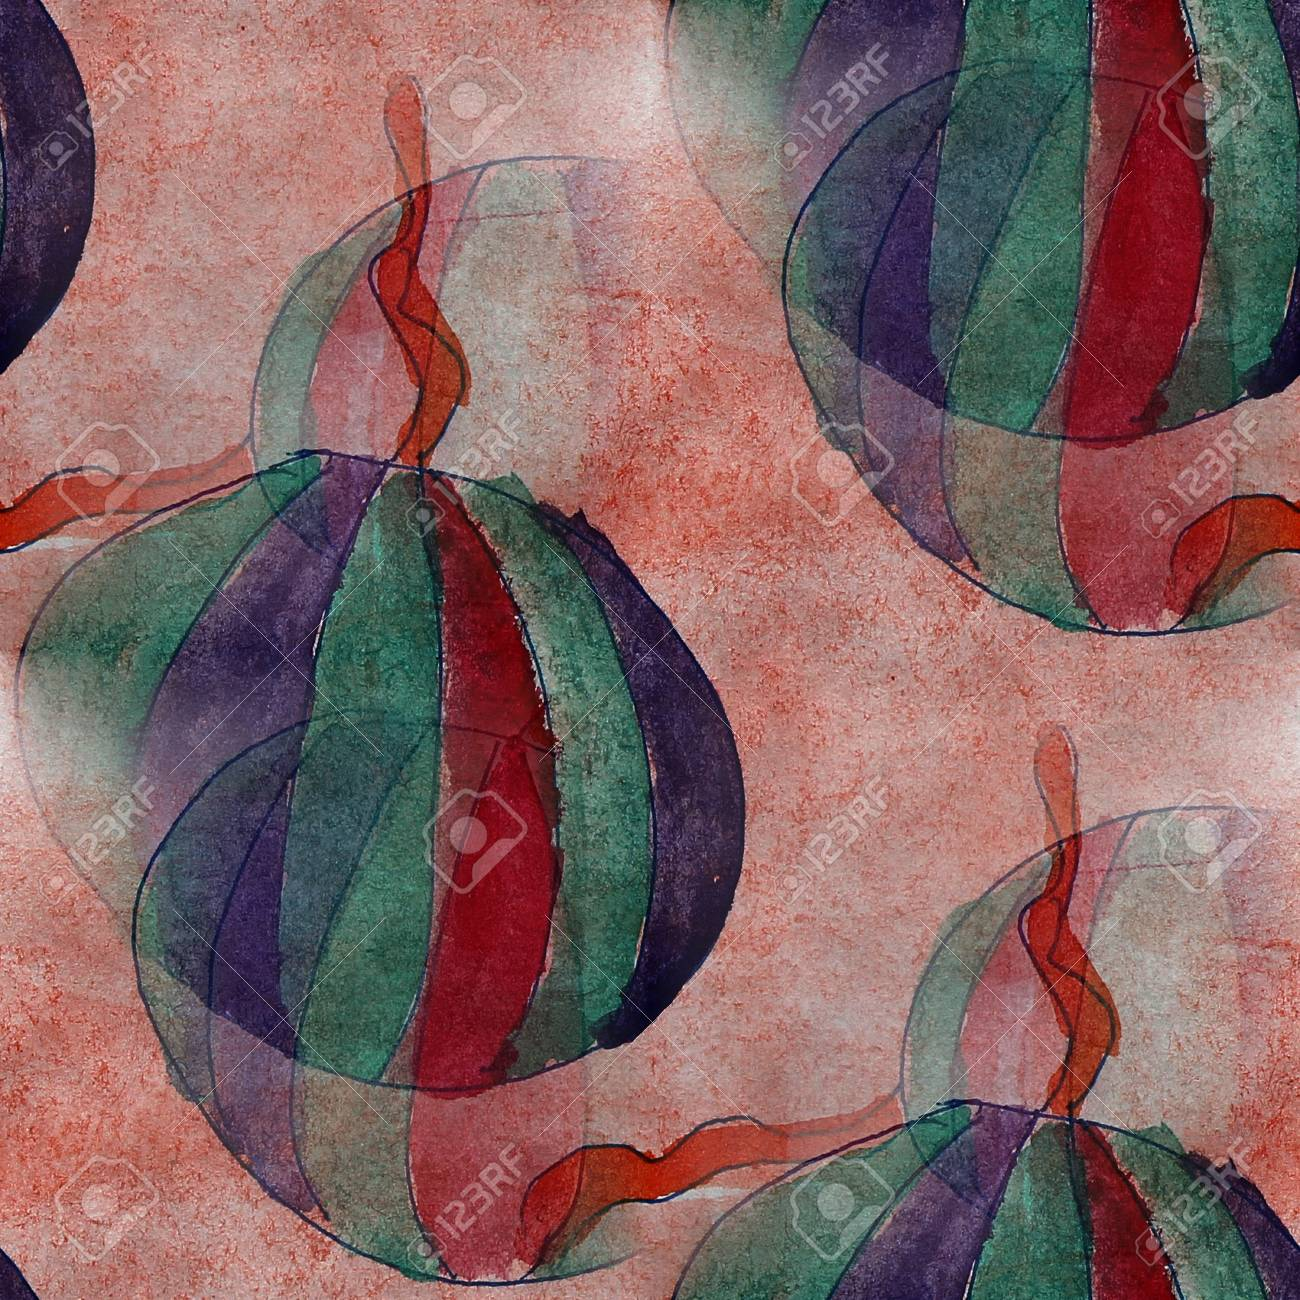 Verführerisch Kubismus Künstler Ideen Von Künstler Nahtlose Braun, Grün Abstwatercolor Tapeten Backgroundract